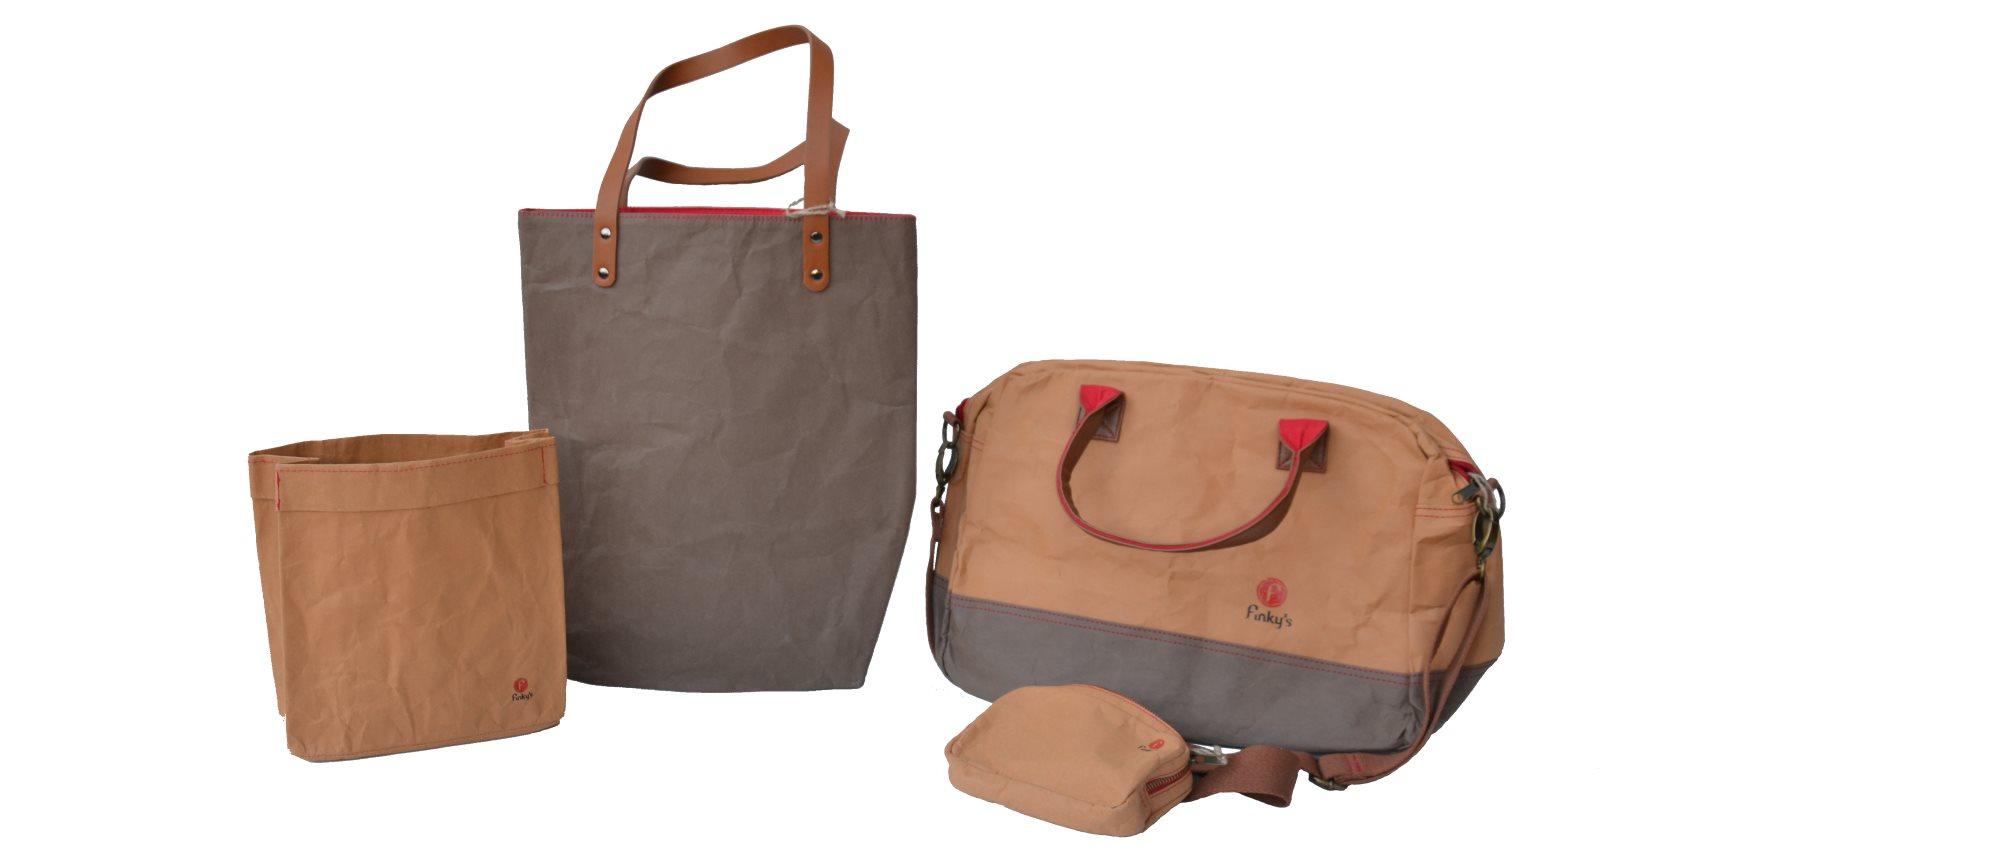 Väskor